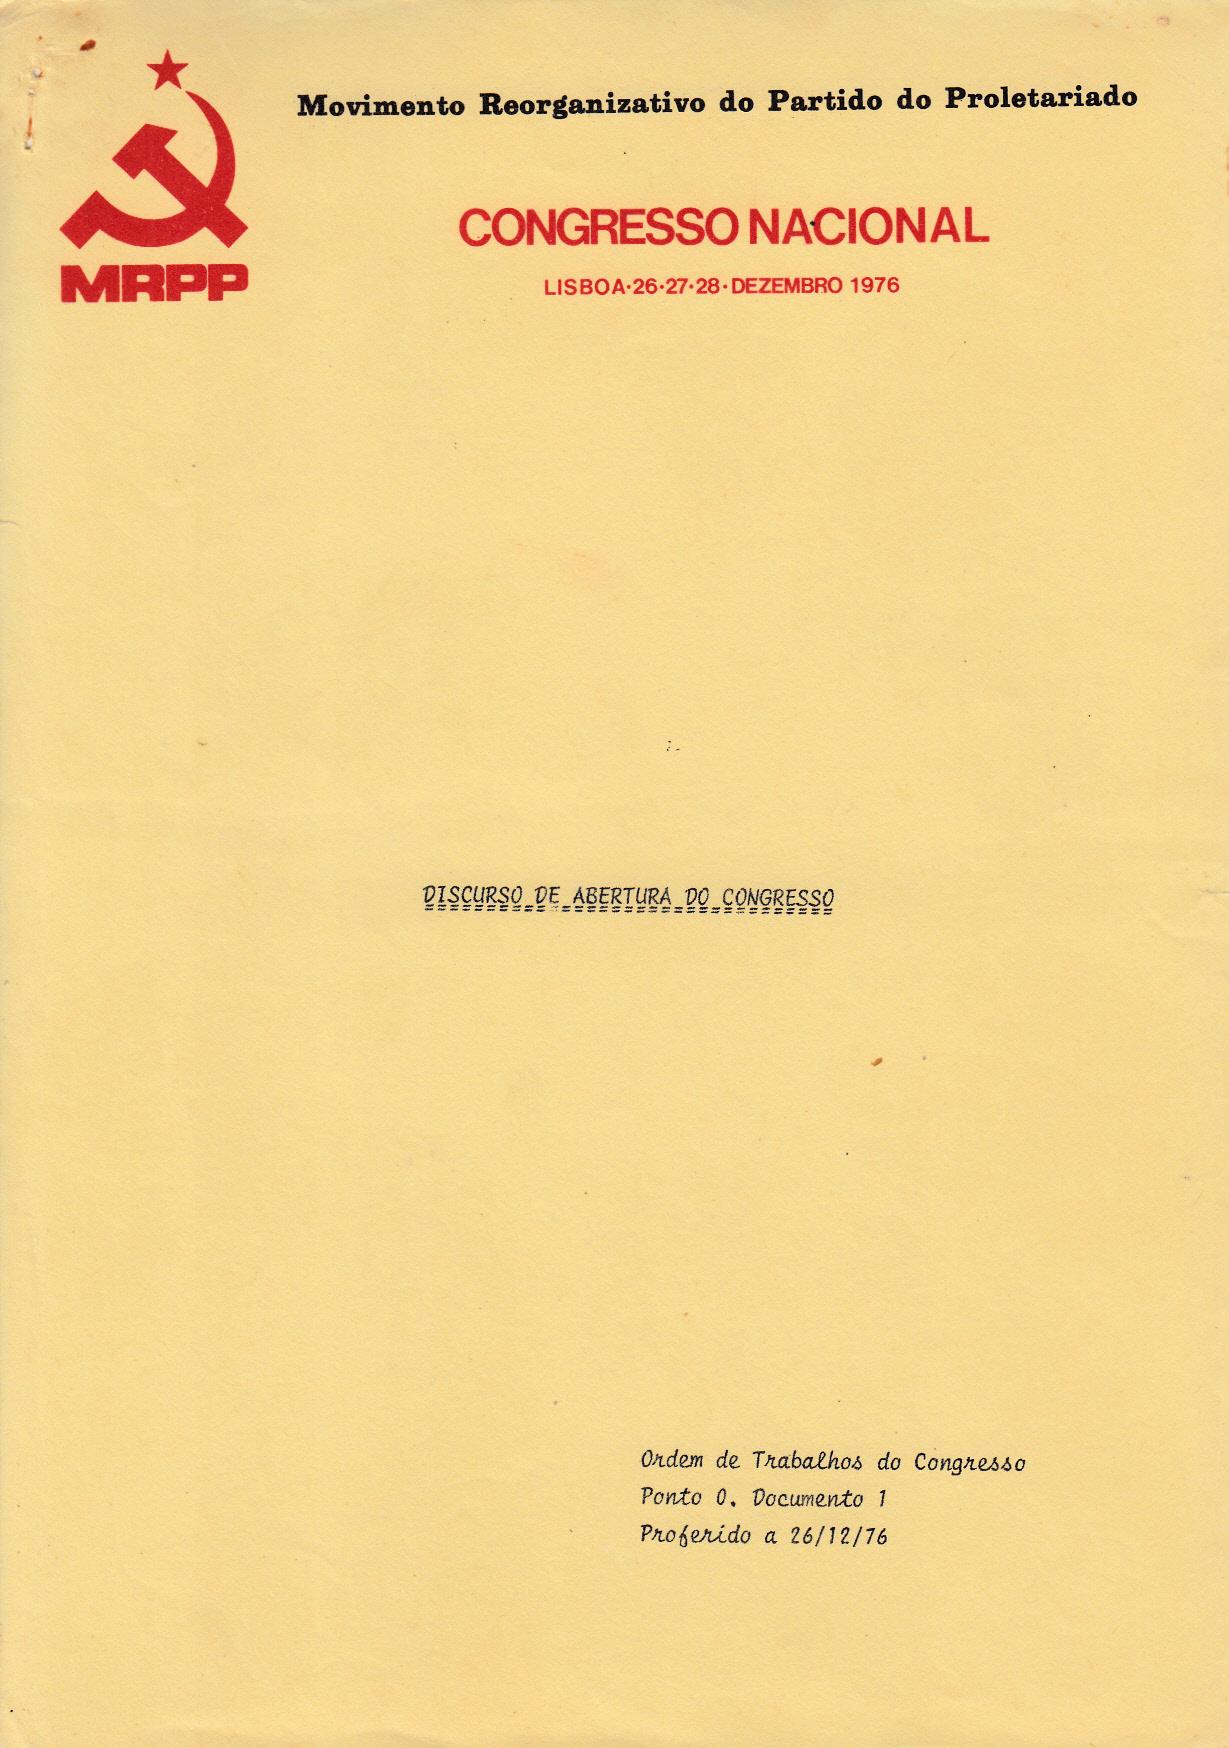 MRPP_1976_12_26_cn3